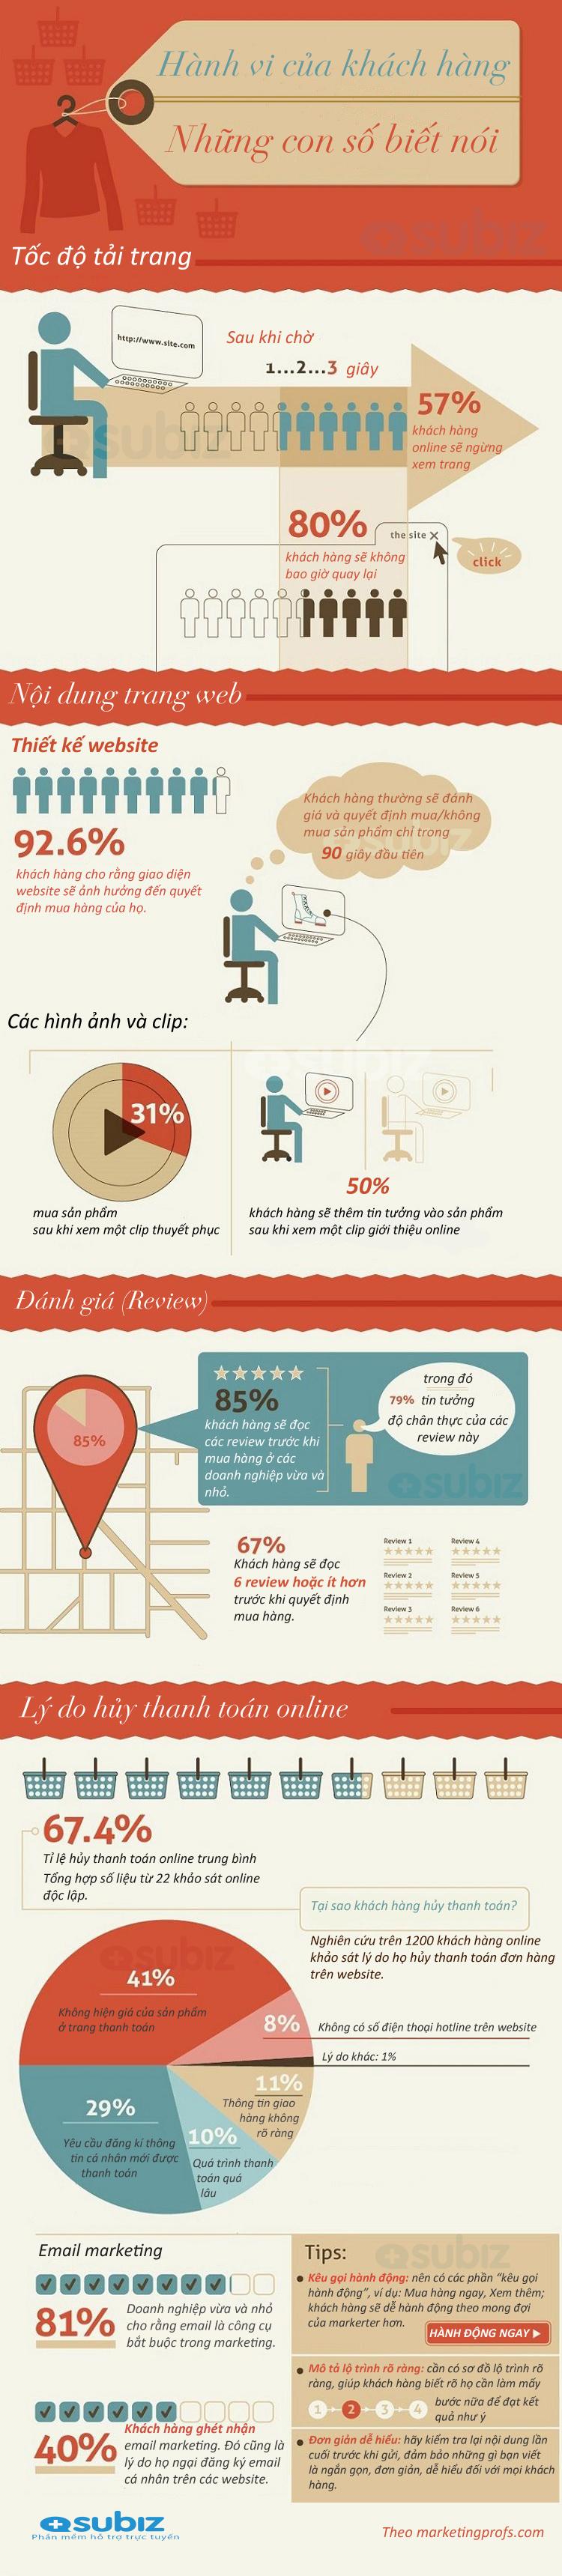 Subiz - Hành vi của khách hàng khi truy cập website thương mại điện tử